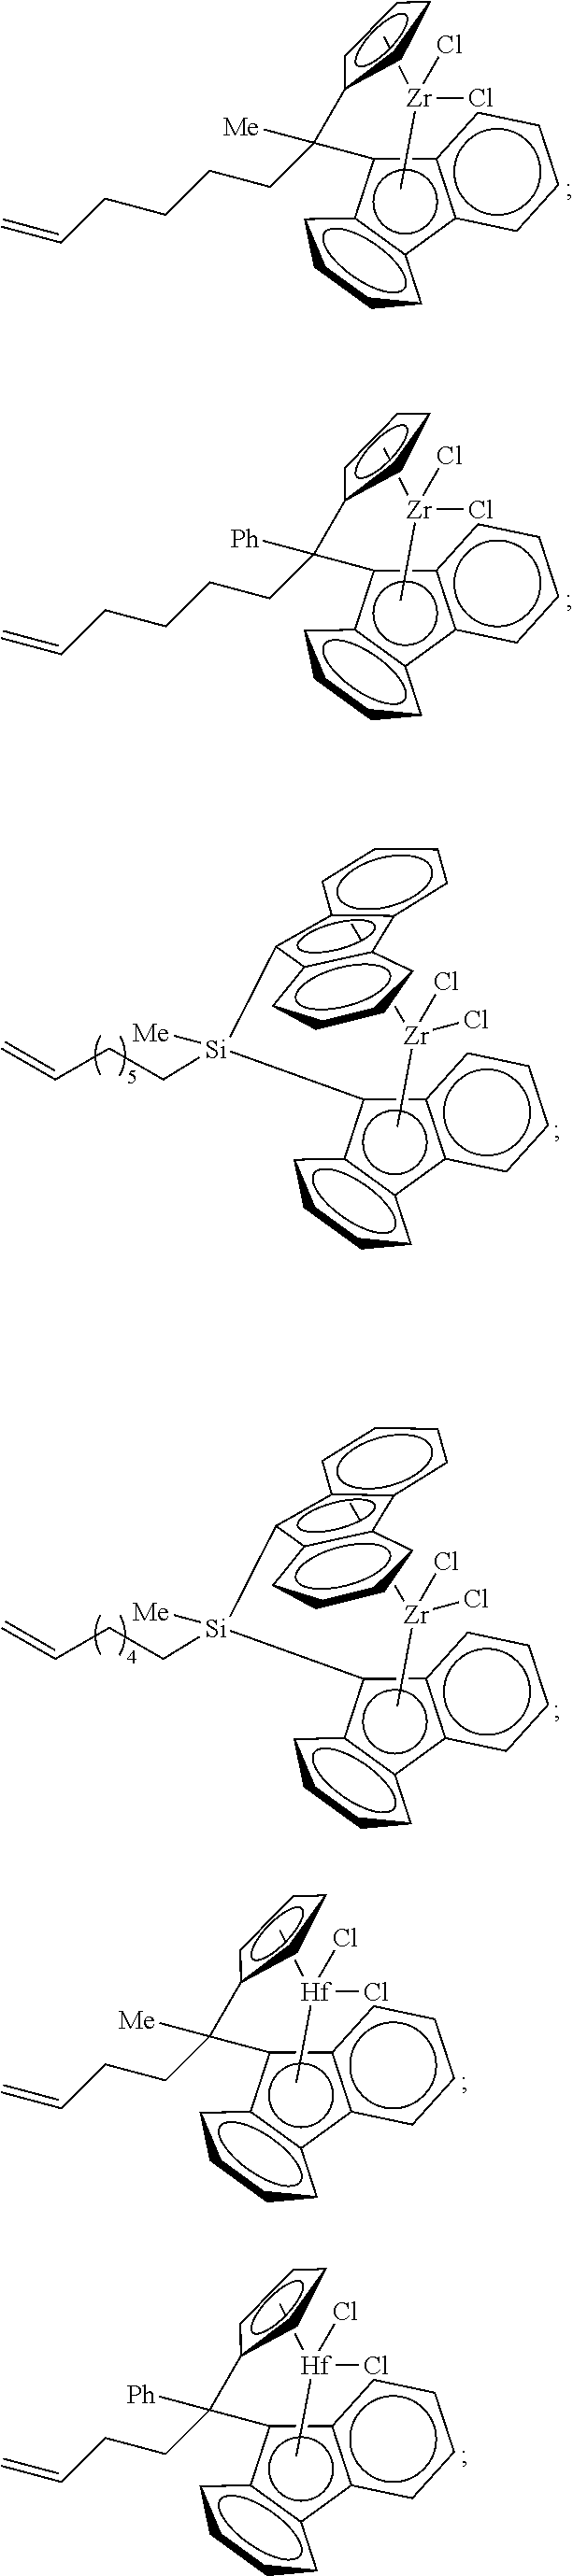 Figure US08329833-20121211-C00011